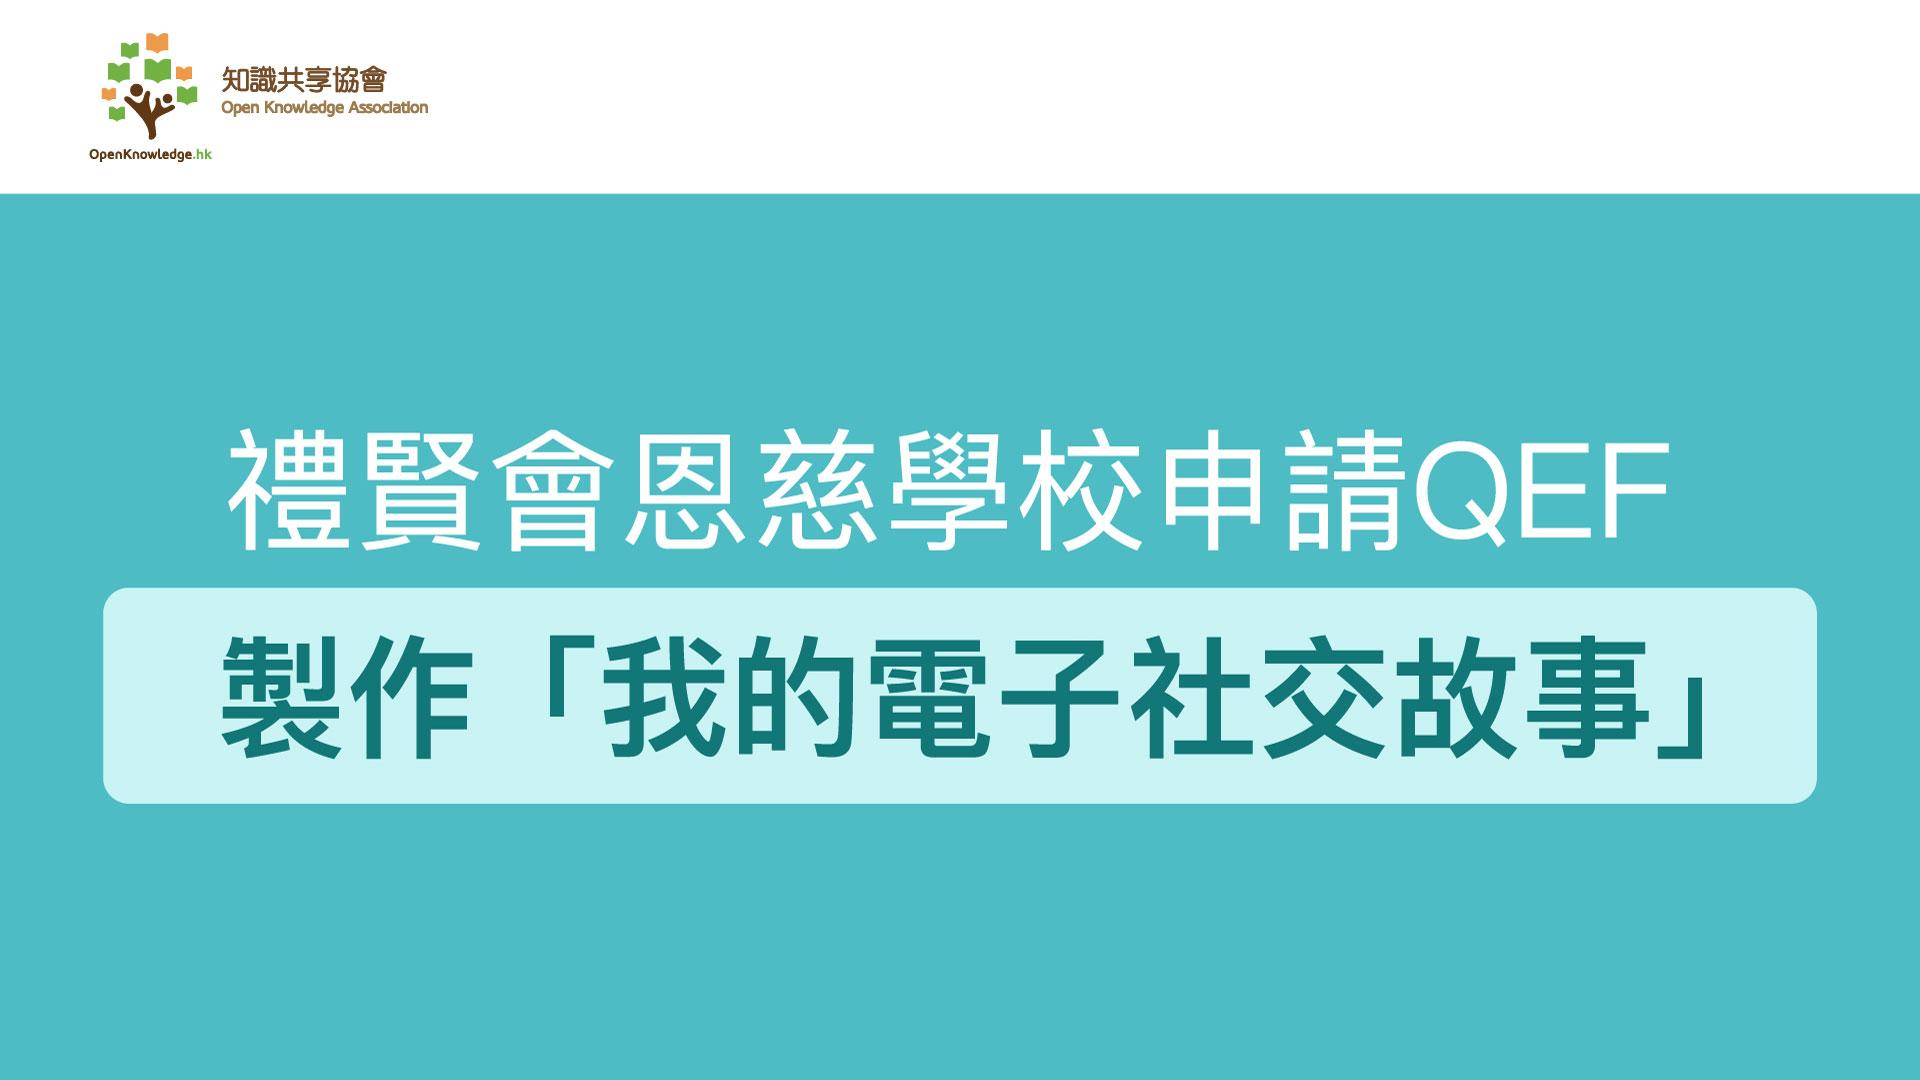 【網上分享會回顧】禮賢會恩慈學校申請QEF 製作「我的電子社交故事」